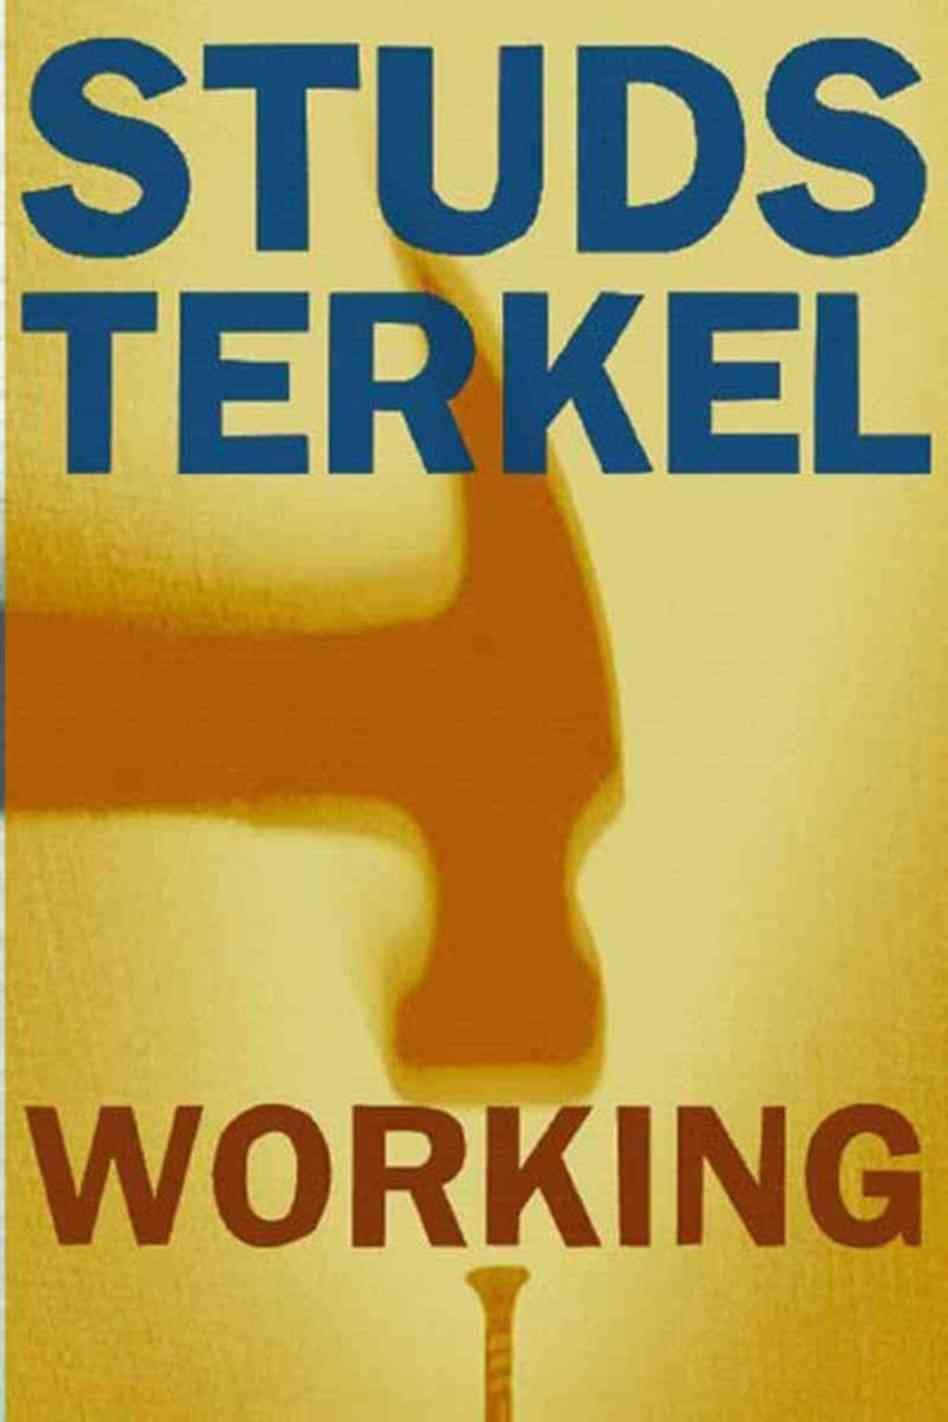 <em>Working</em> by Studs Terkel